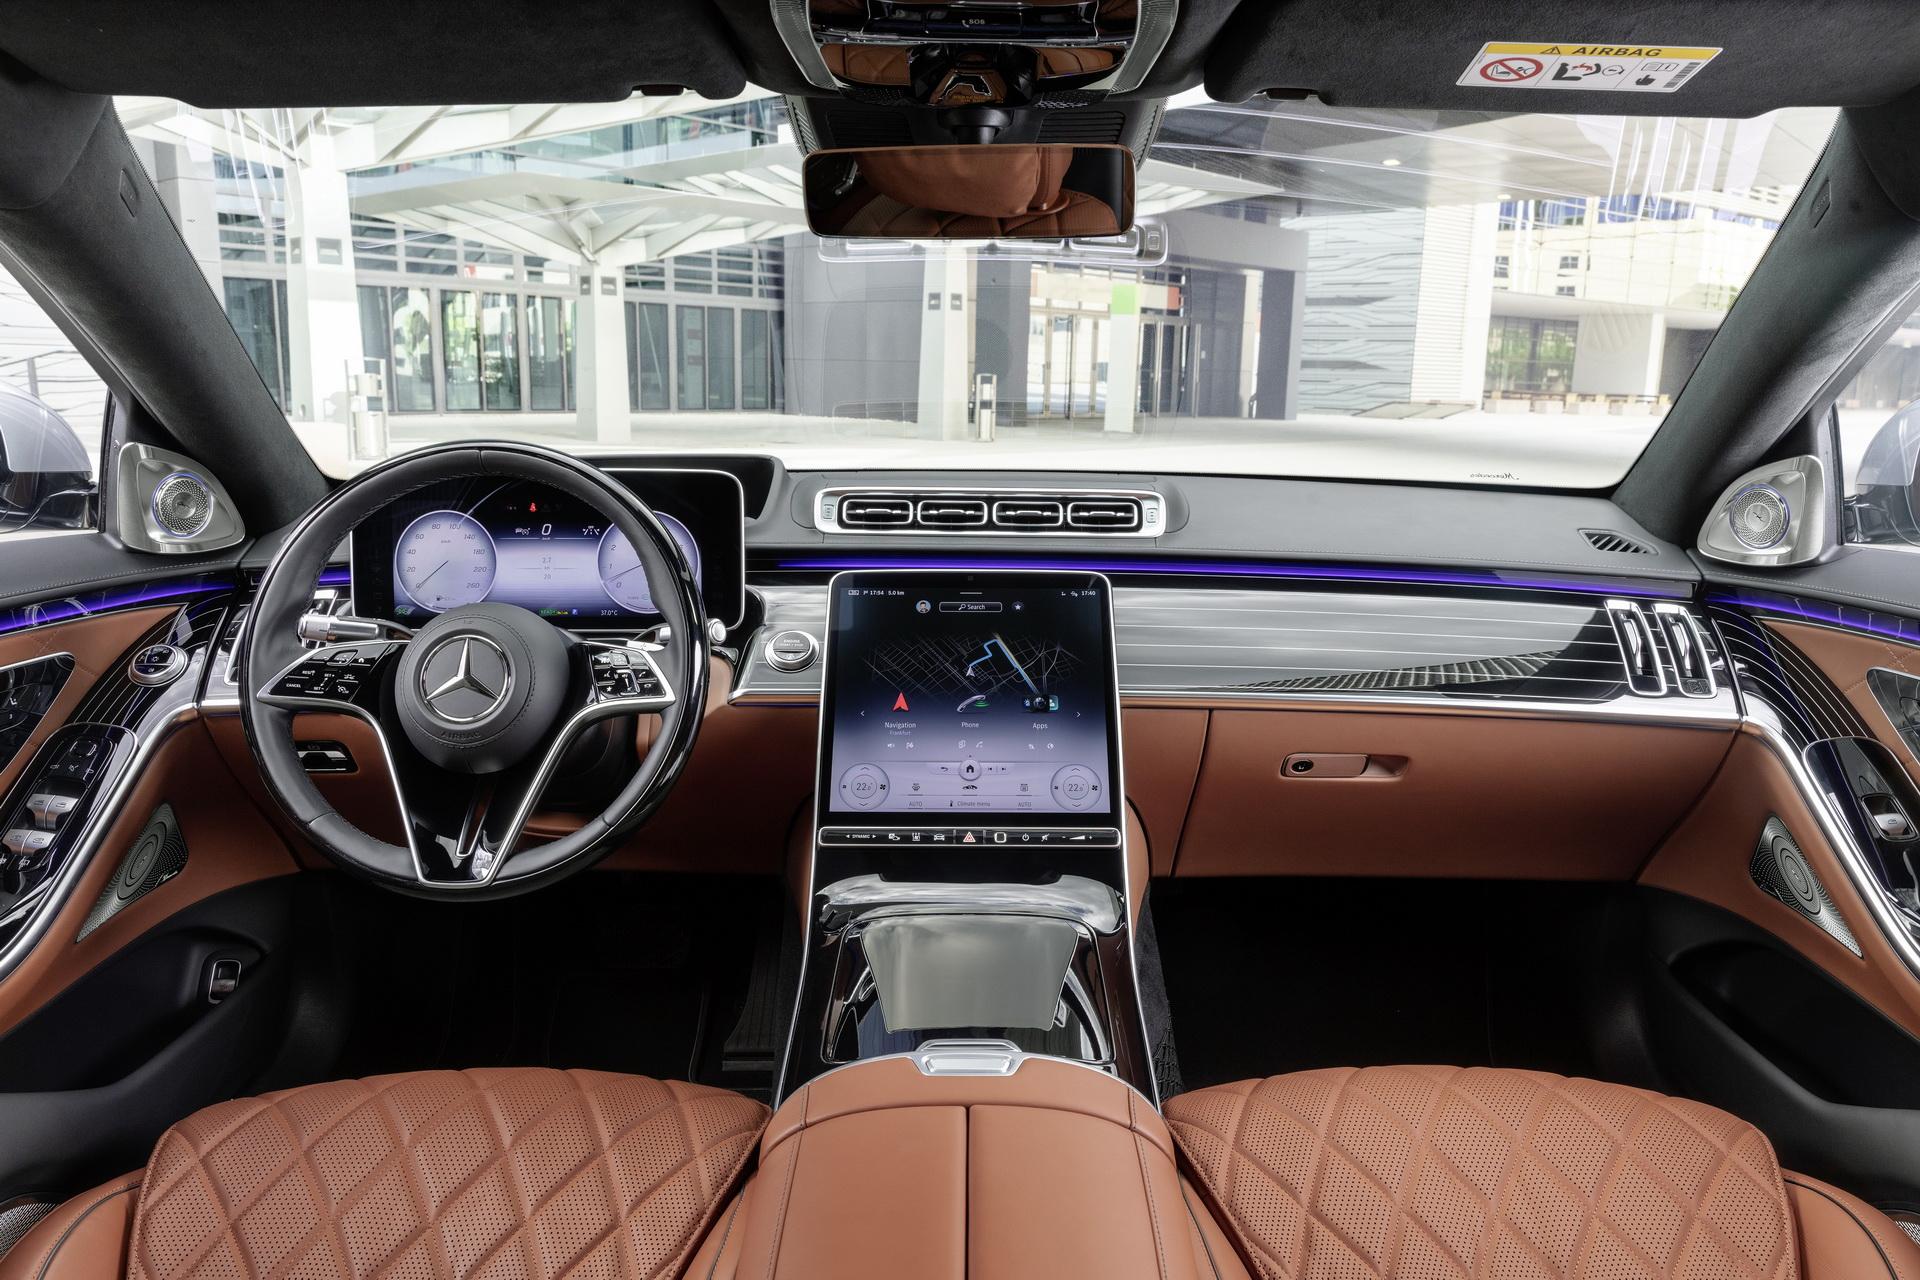 Mercedes-Benz gửi lời xin lỗi tới khách hàng vì phải triệu hồi S-Class thế hệ mới -3